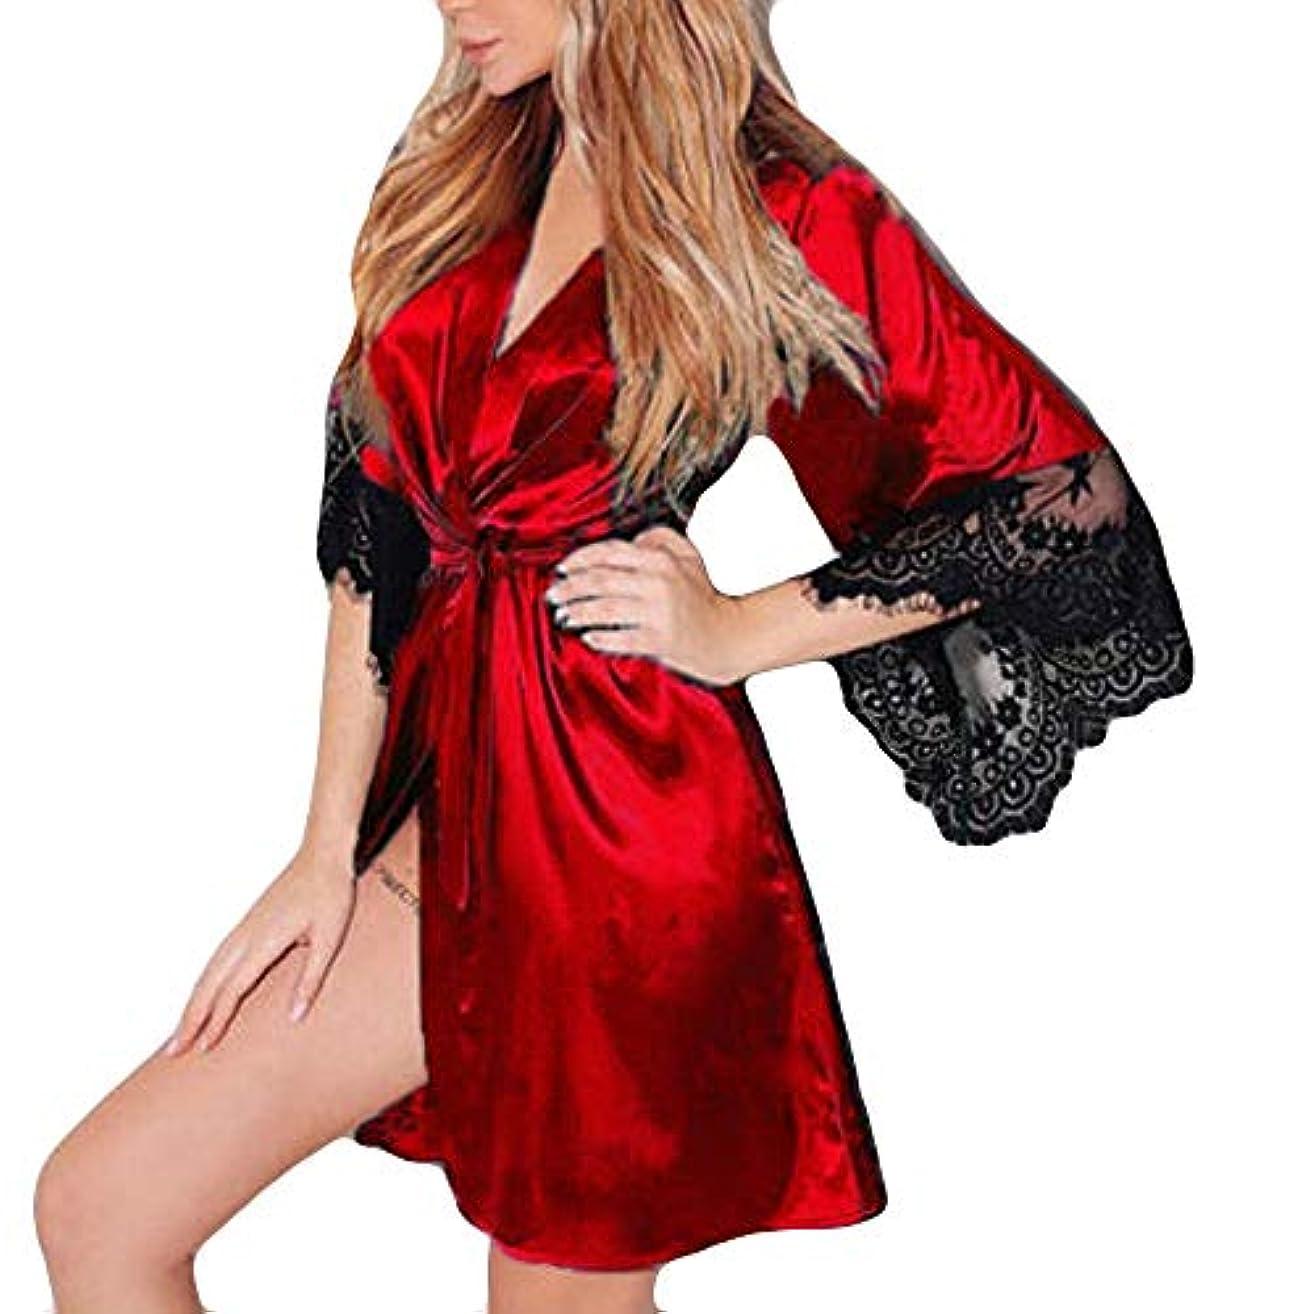 トランスペアレントクラシック性的Joielmal 女性用バスローブ ガウンバスローブ ローブ 浴衣式 ワンピース 前開き サテン生地 シルクのような肌触り おしゃれ 長袖 ロング丈 着物 レース飾り ワンサイズ 春 夏 S-3XL